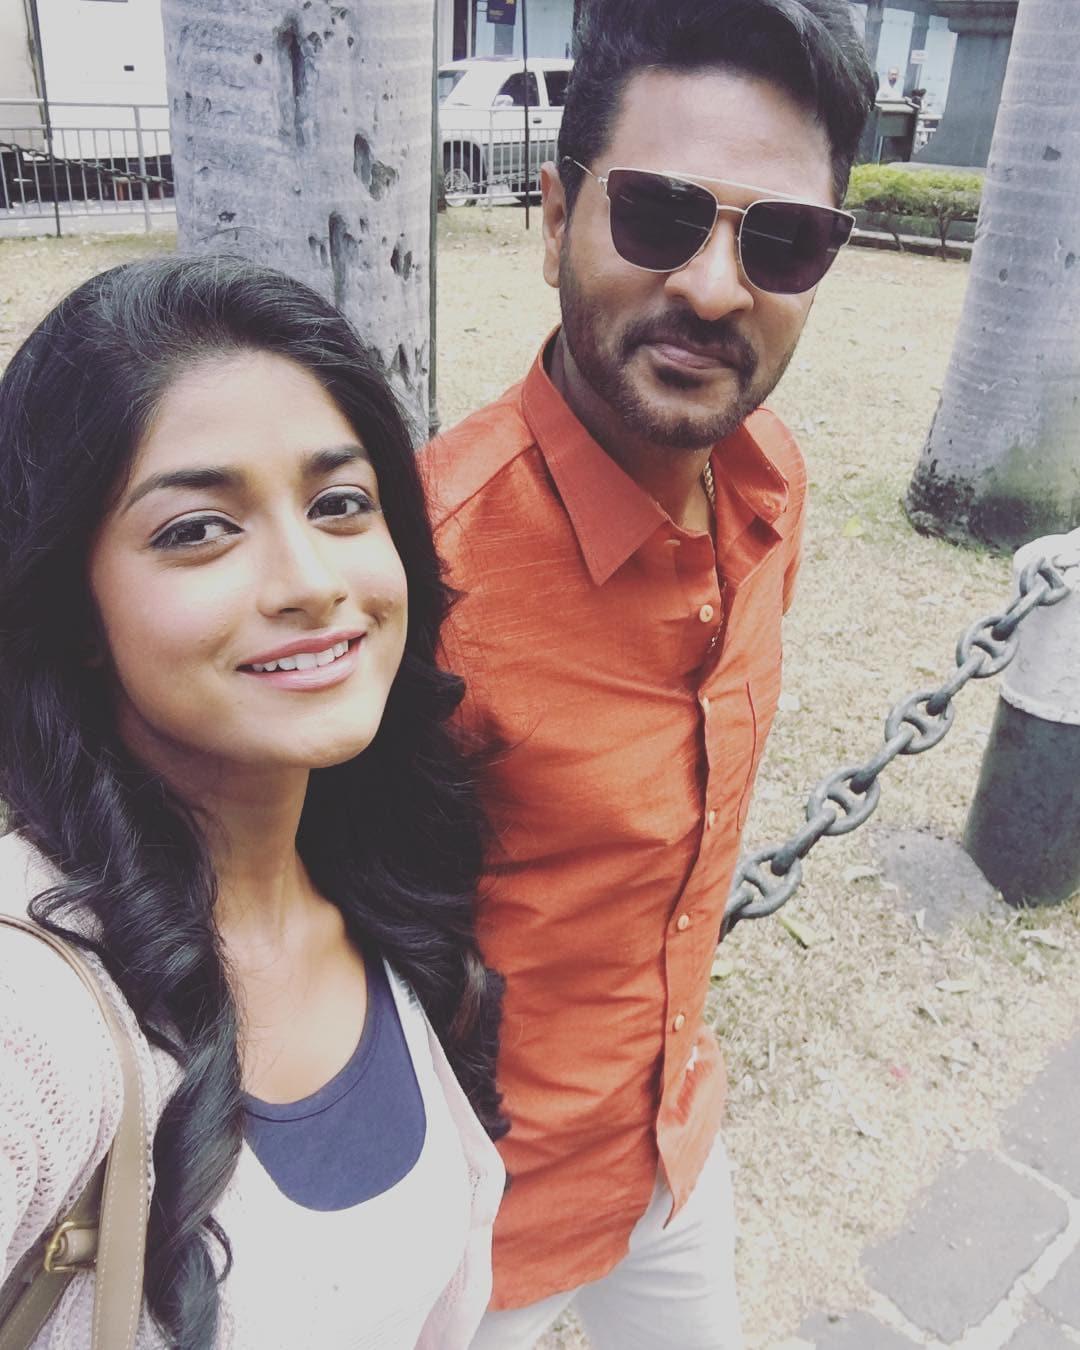 டிம்பிள் ஹயாதி பிரபு தேவா உடன் 'தேவி 2' படத்தில் முக்கிய கதாபாத்திரத்தில் நடித்திருந்தார்.